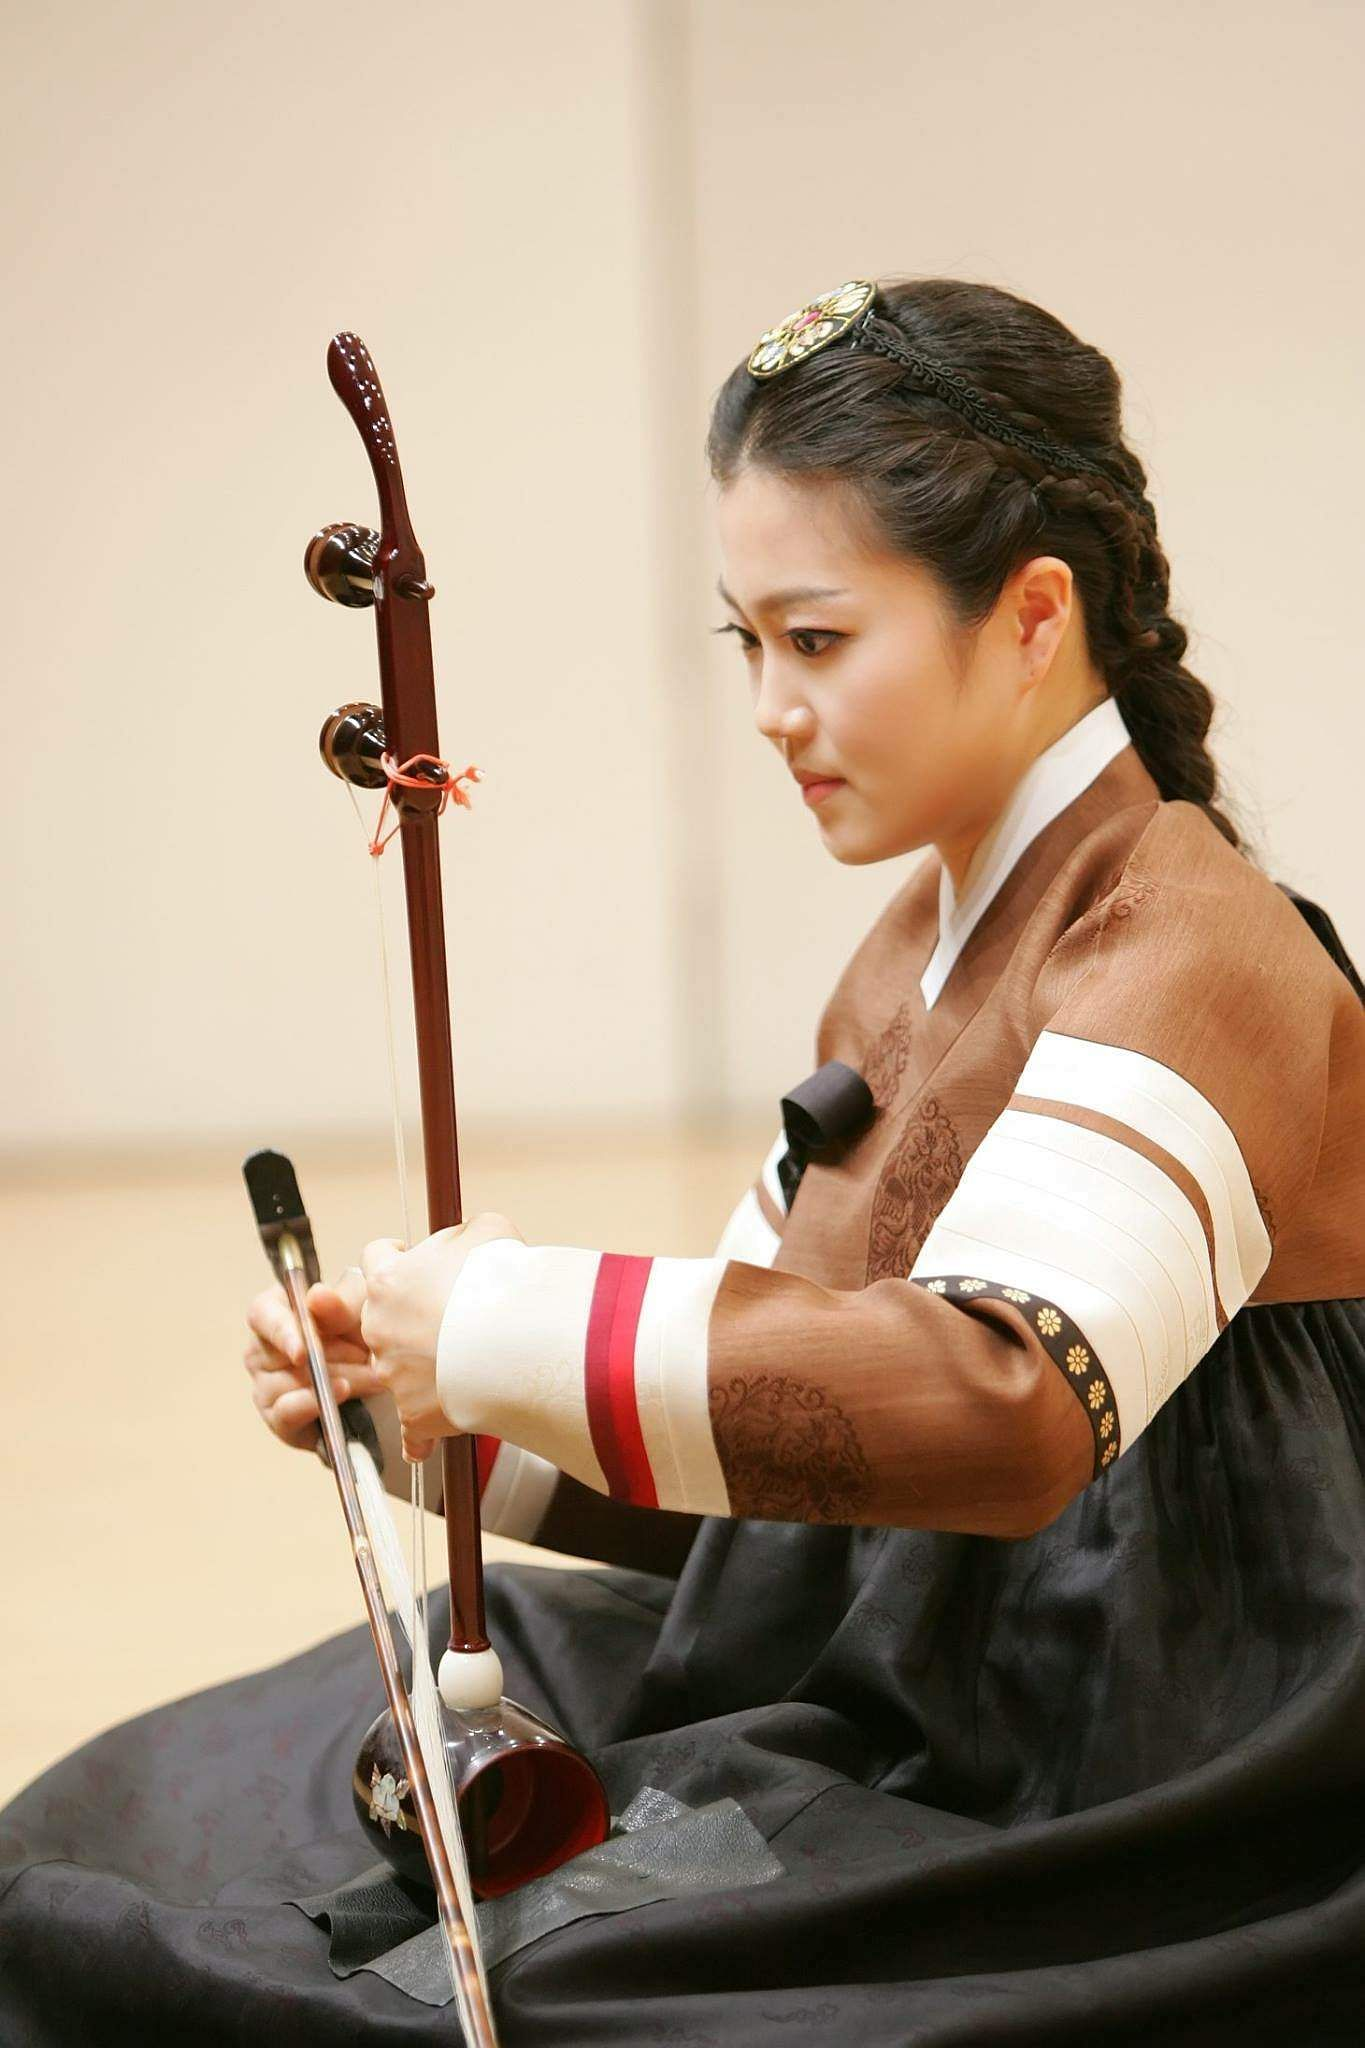 Lee Taekyung